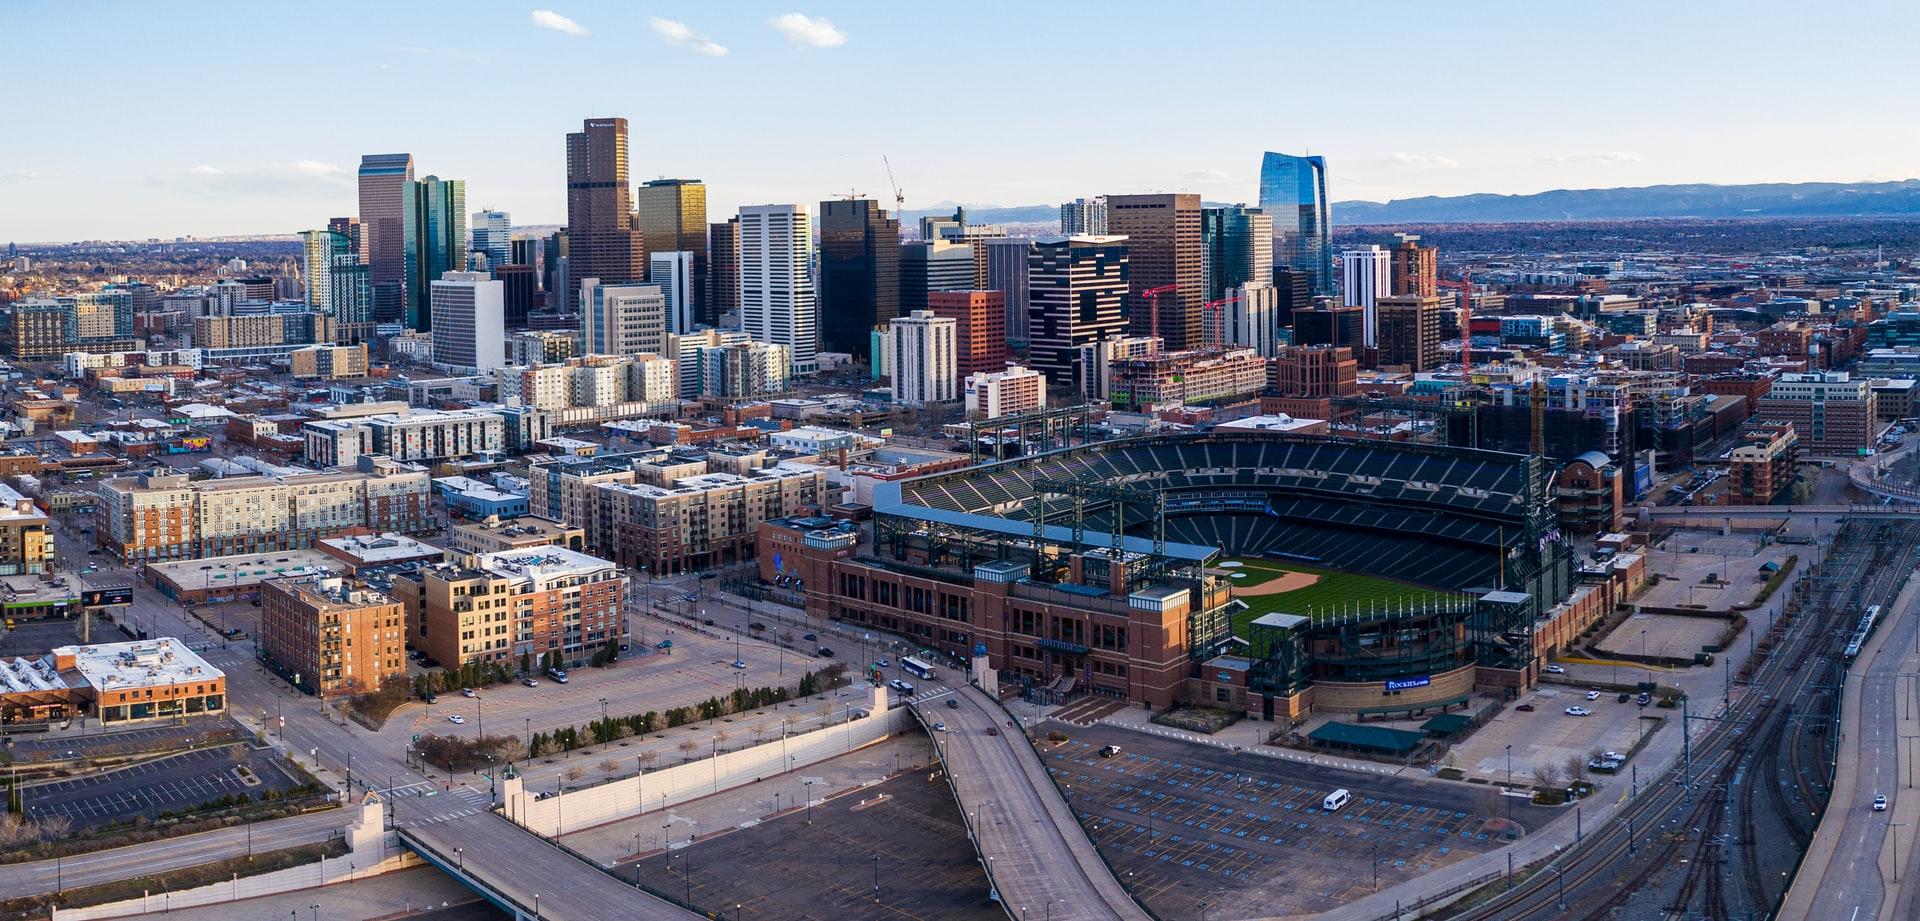 Denver Colorado skyline and ballpark.